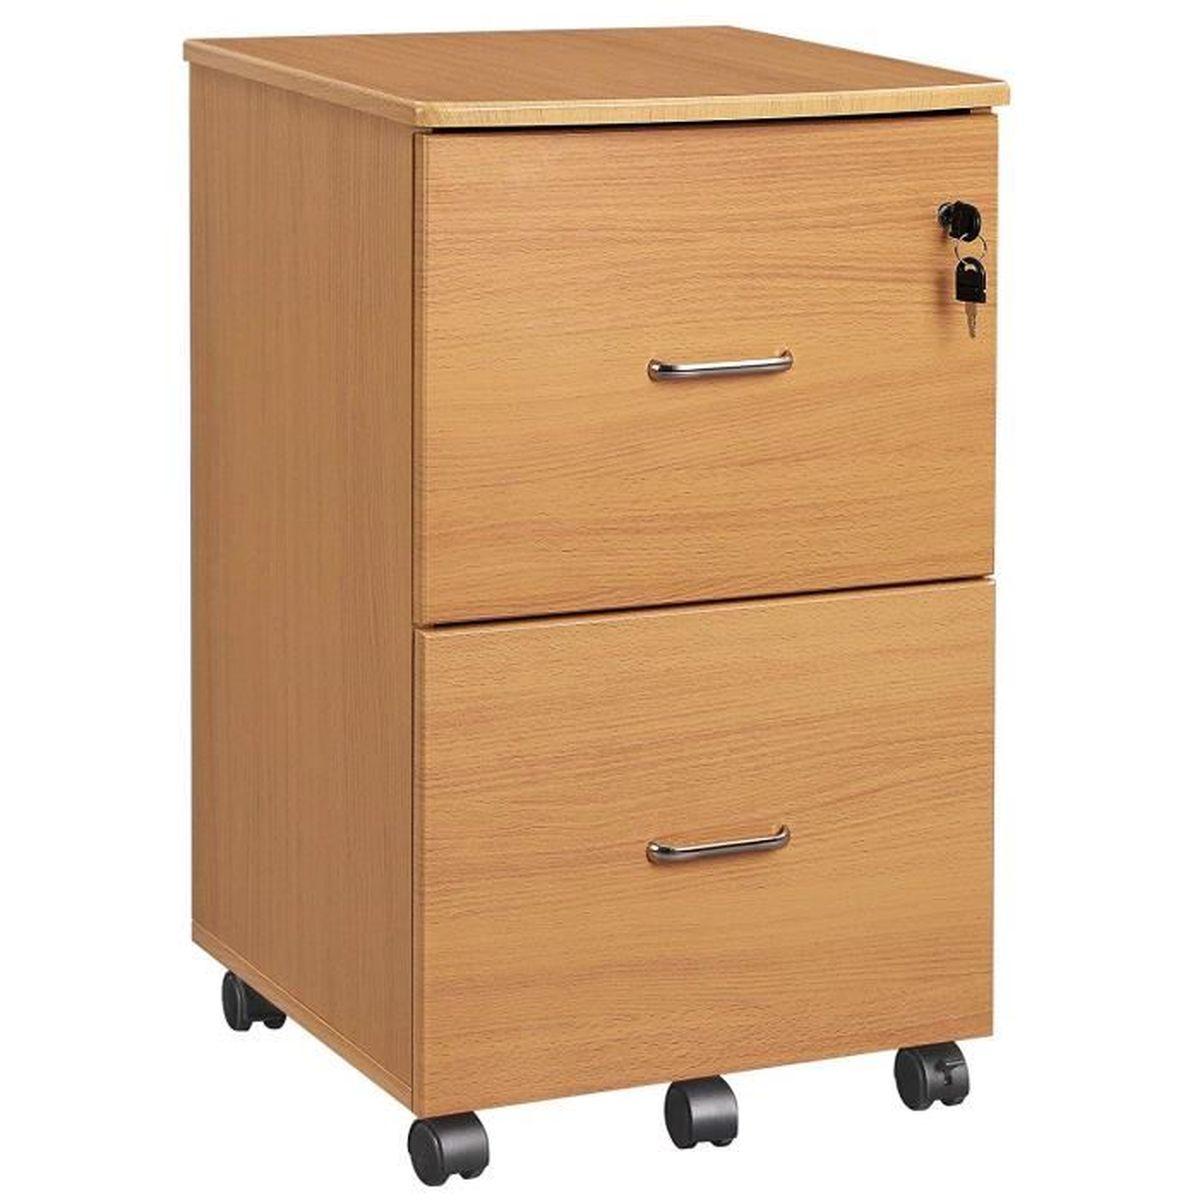 Caisson Pour Seche Linge vasagle caisson de bureau mobile,2 tiroirs,système de